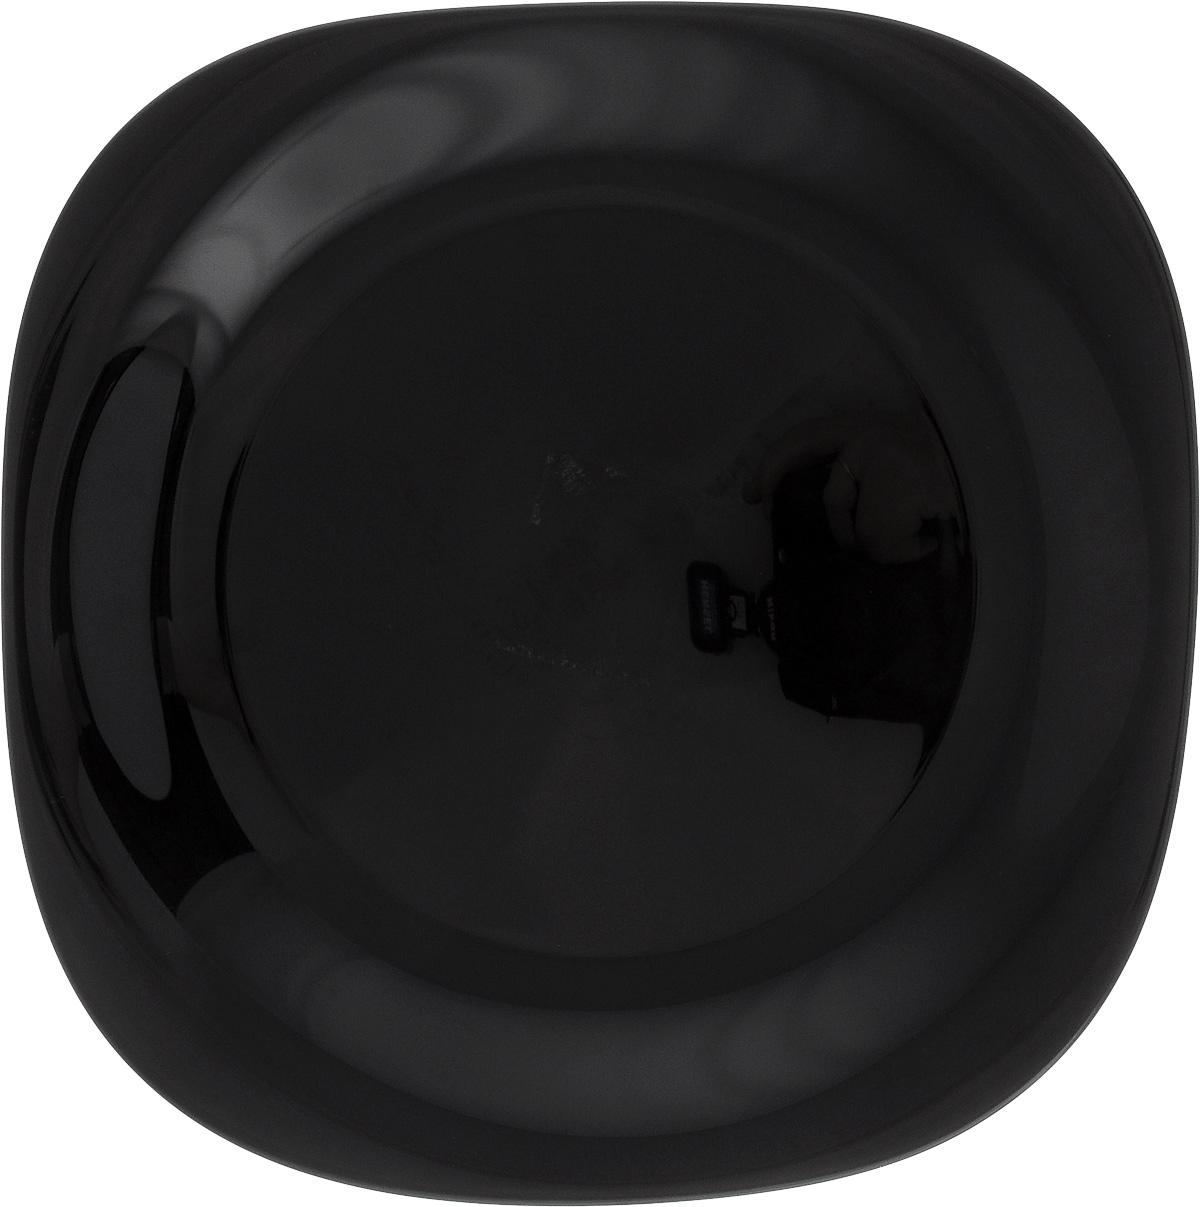 Тарелка обеденная Luminarc Carine Black, 26 х 26 смH3666Обеденная тарелка Luminarc Carine Black, изготовленная из высококачественного стекла, имеет изысканный внешний вид. Яркий дизайн придется по вкусу и ценителям классики, и тем, кто предпочитает утонченность. Тарелка Luminarc Carine Black идеально подойдет для сервировки вторых блюд из птицы, рыбы, мяса или овощей, а также станет отличным подарком к любому празднику. Размер тарелки (по верхнему краю): 26 х 26 см.